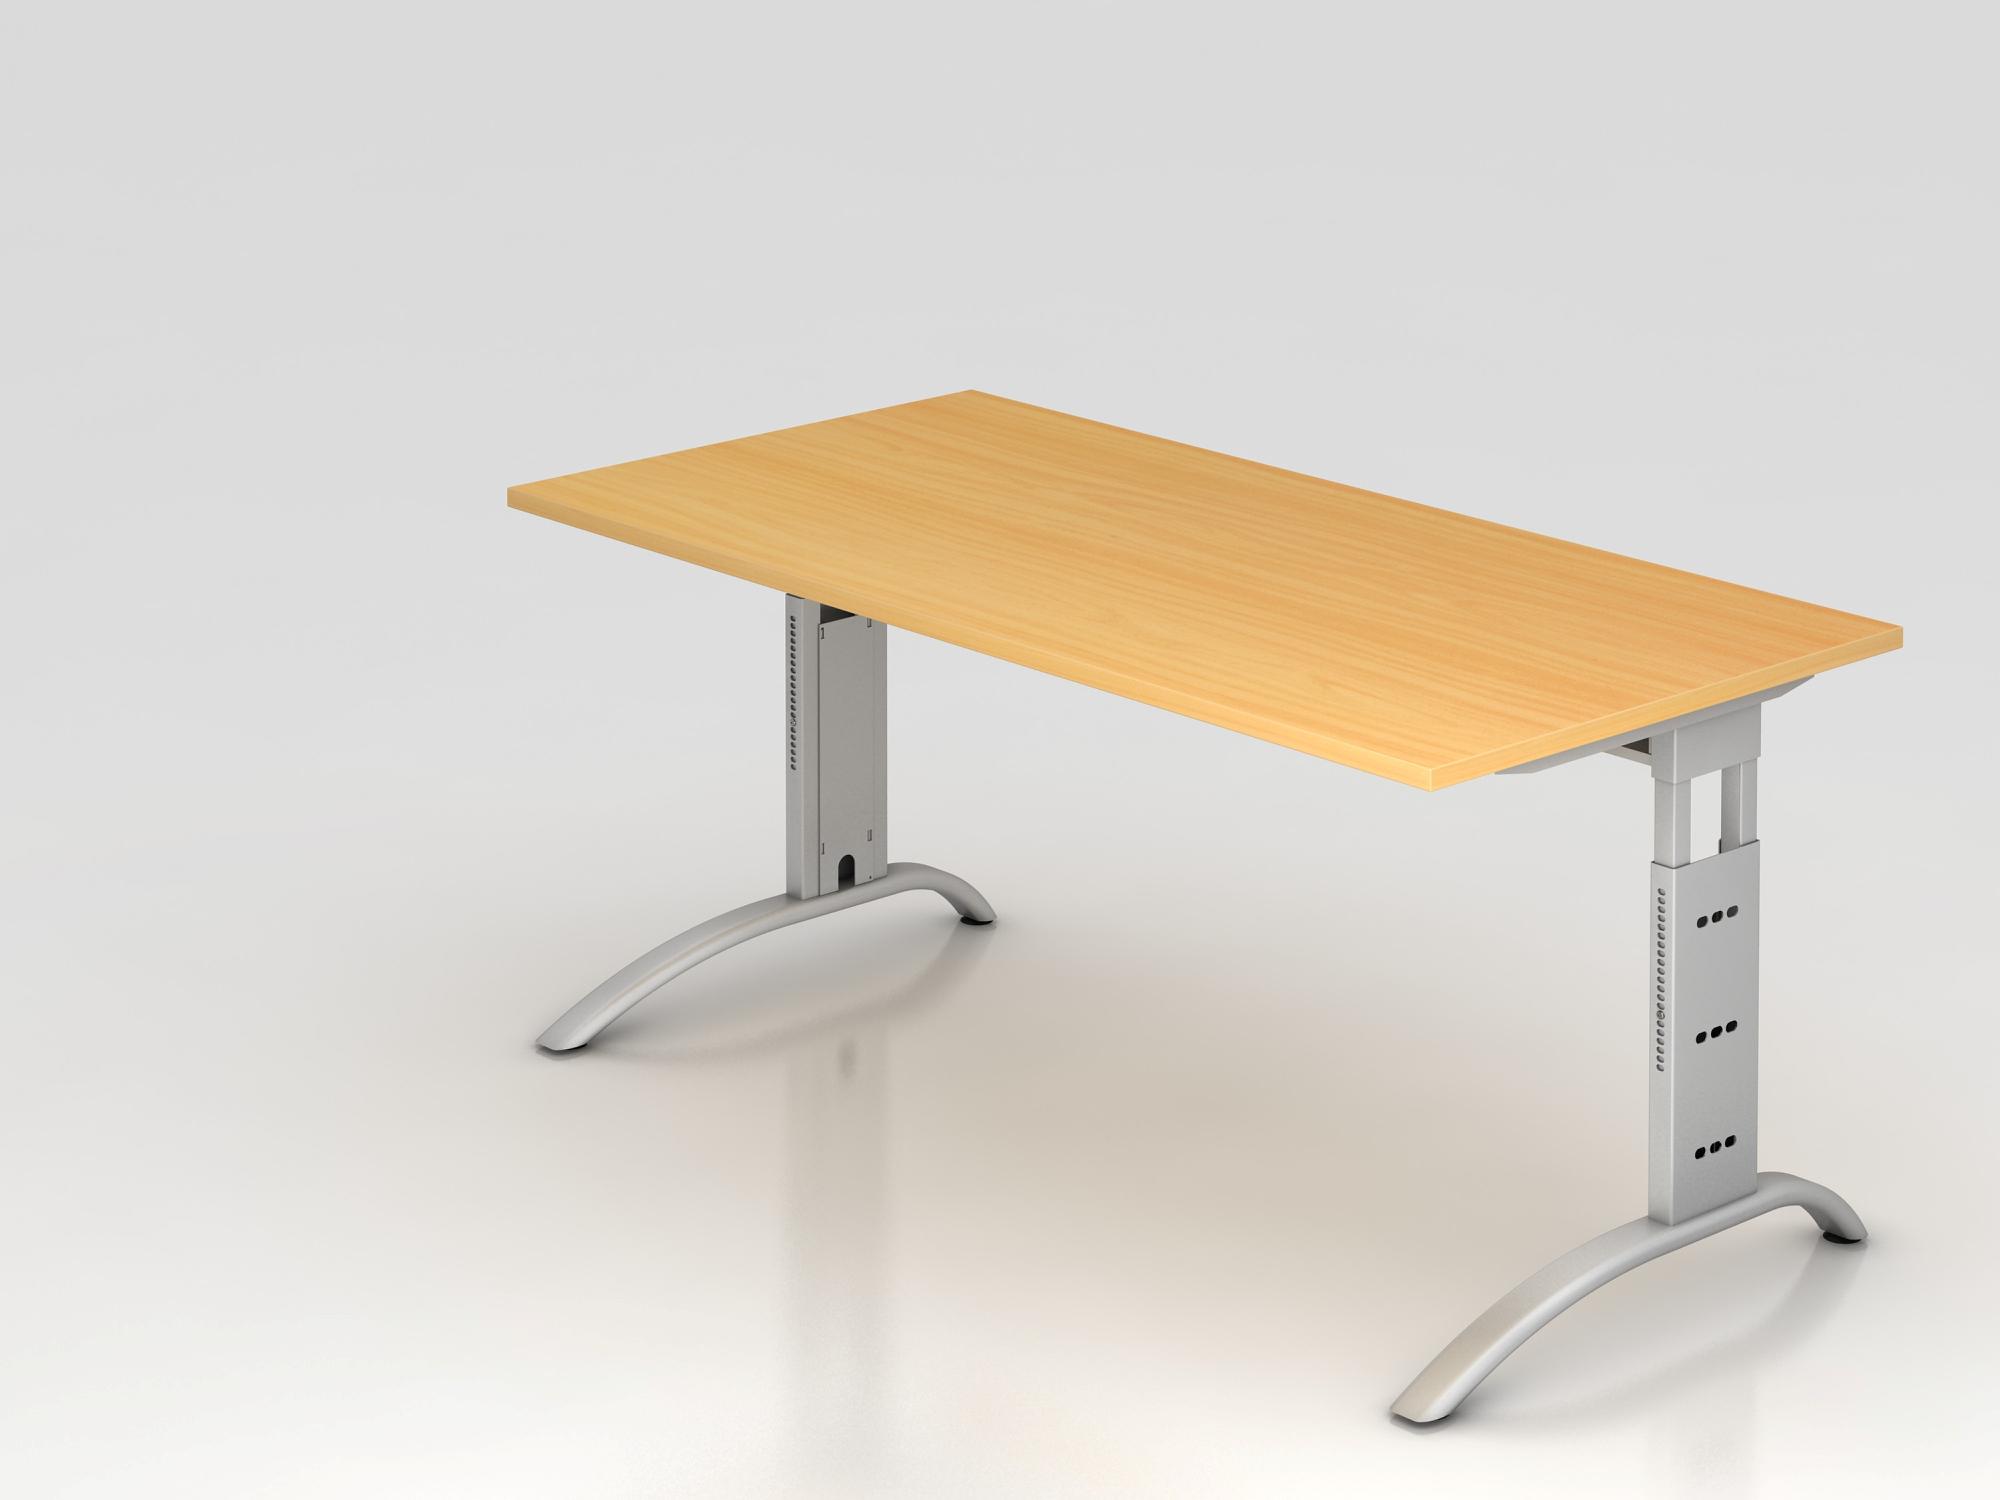 Schreibtisch C-Fuß 160x80cm Buche